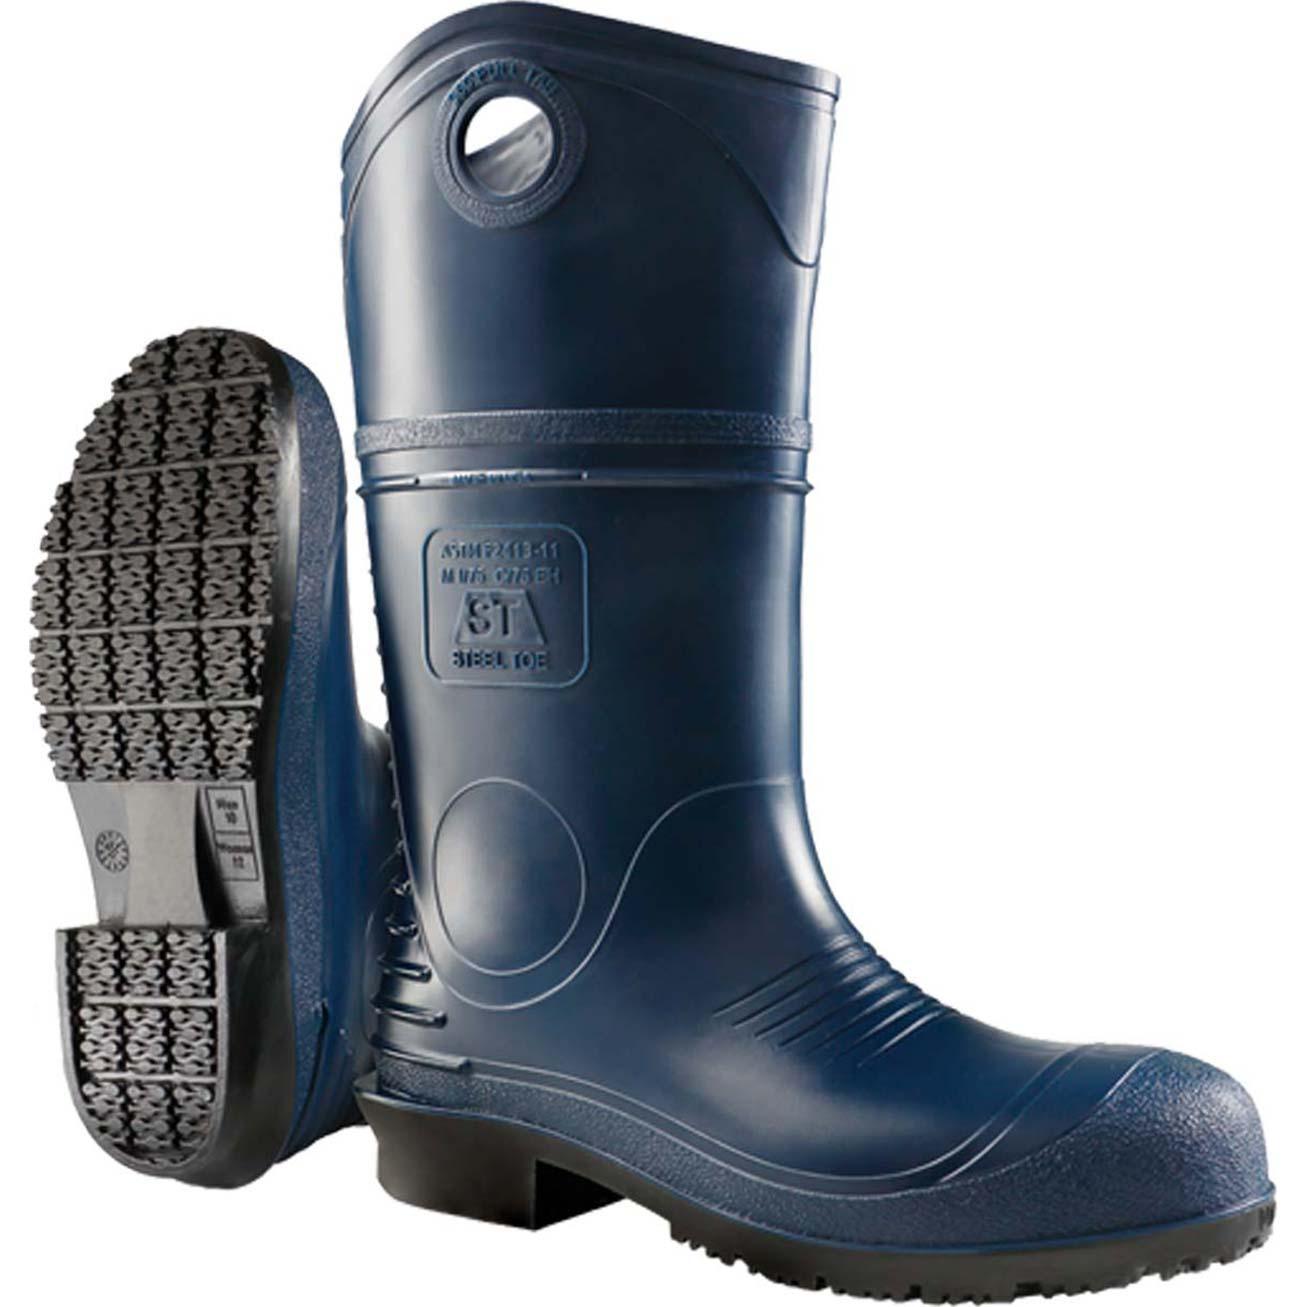 Dunlop Durapro Steel Toe Waterproof Rubber Boot D89086